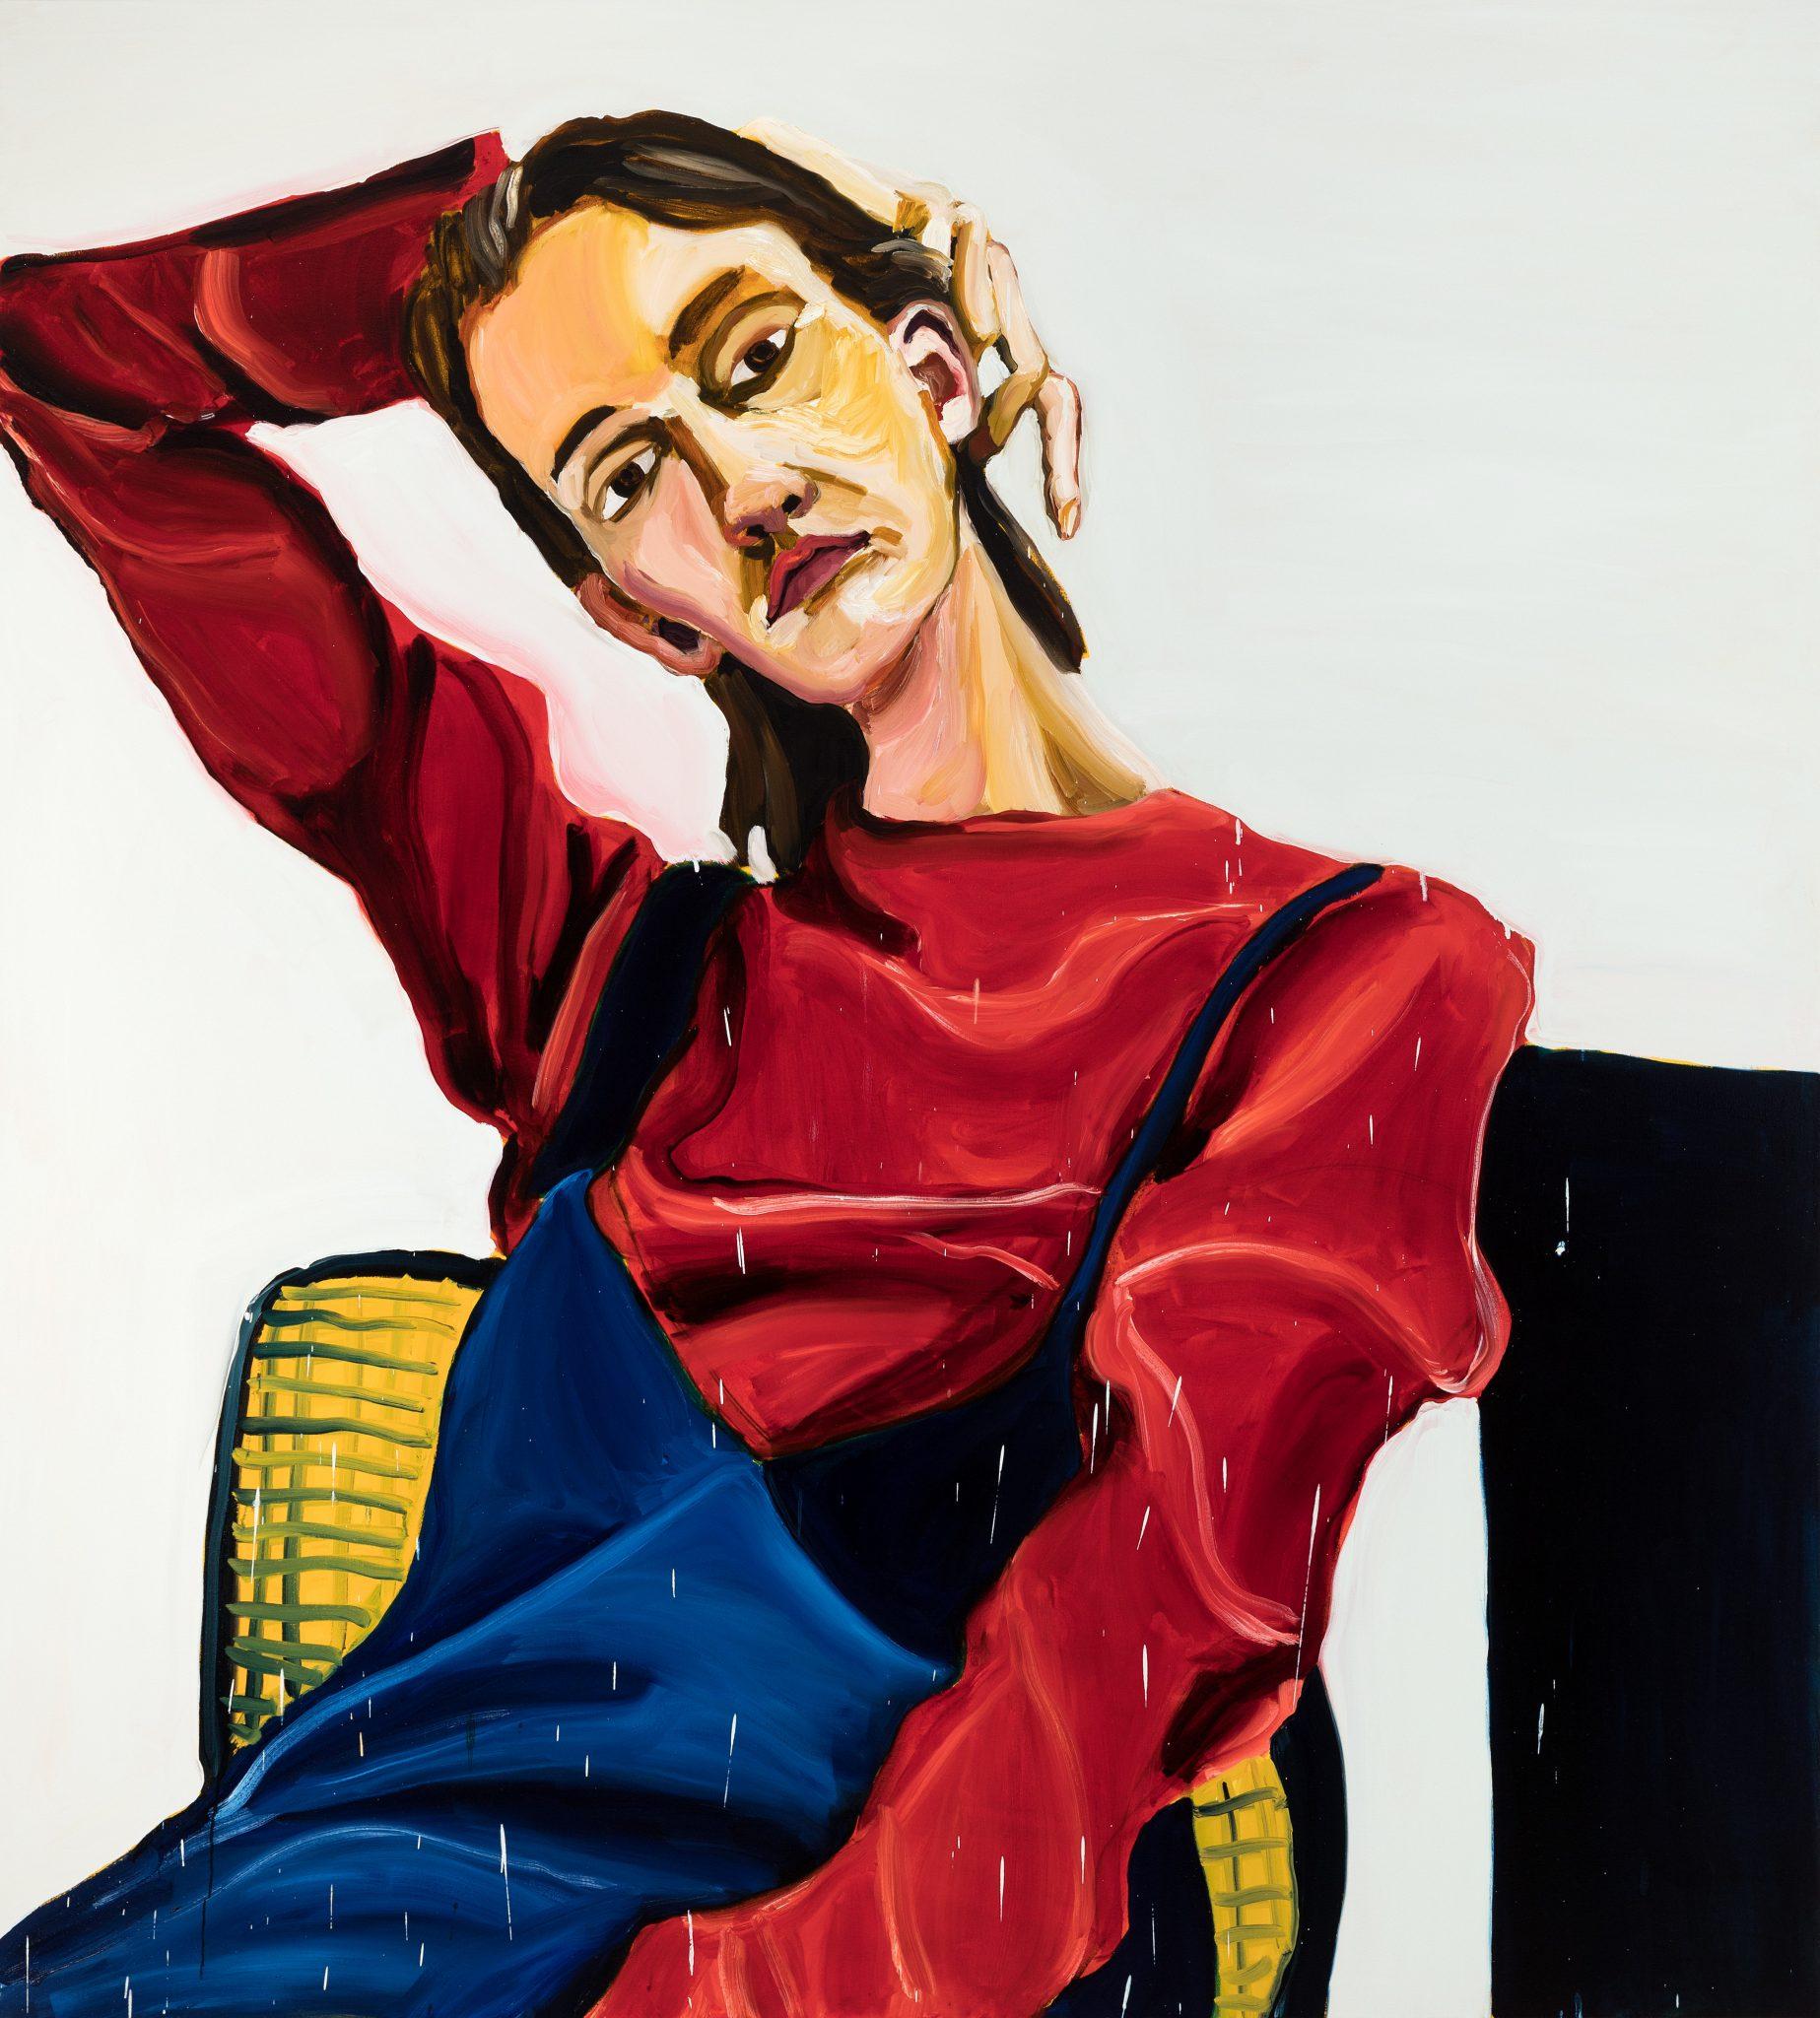 Jenni Hiltunen e l'arte delle imperfezioni. Una femminilità senza filtri